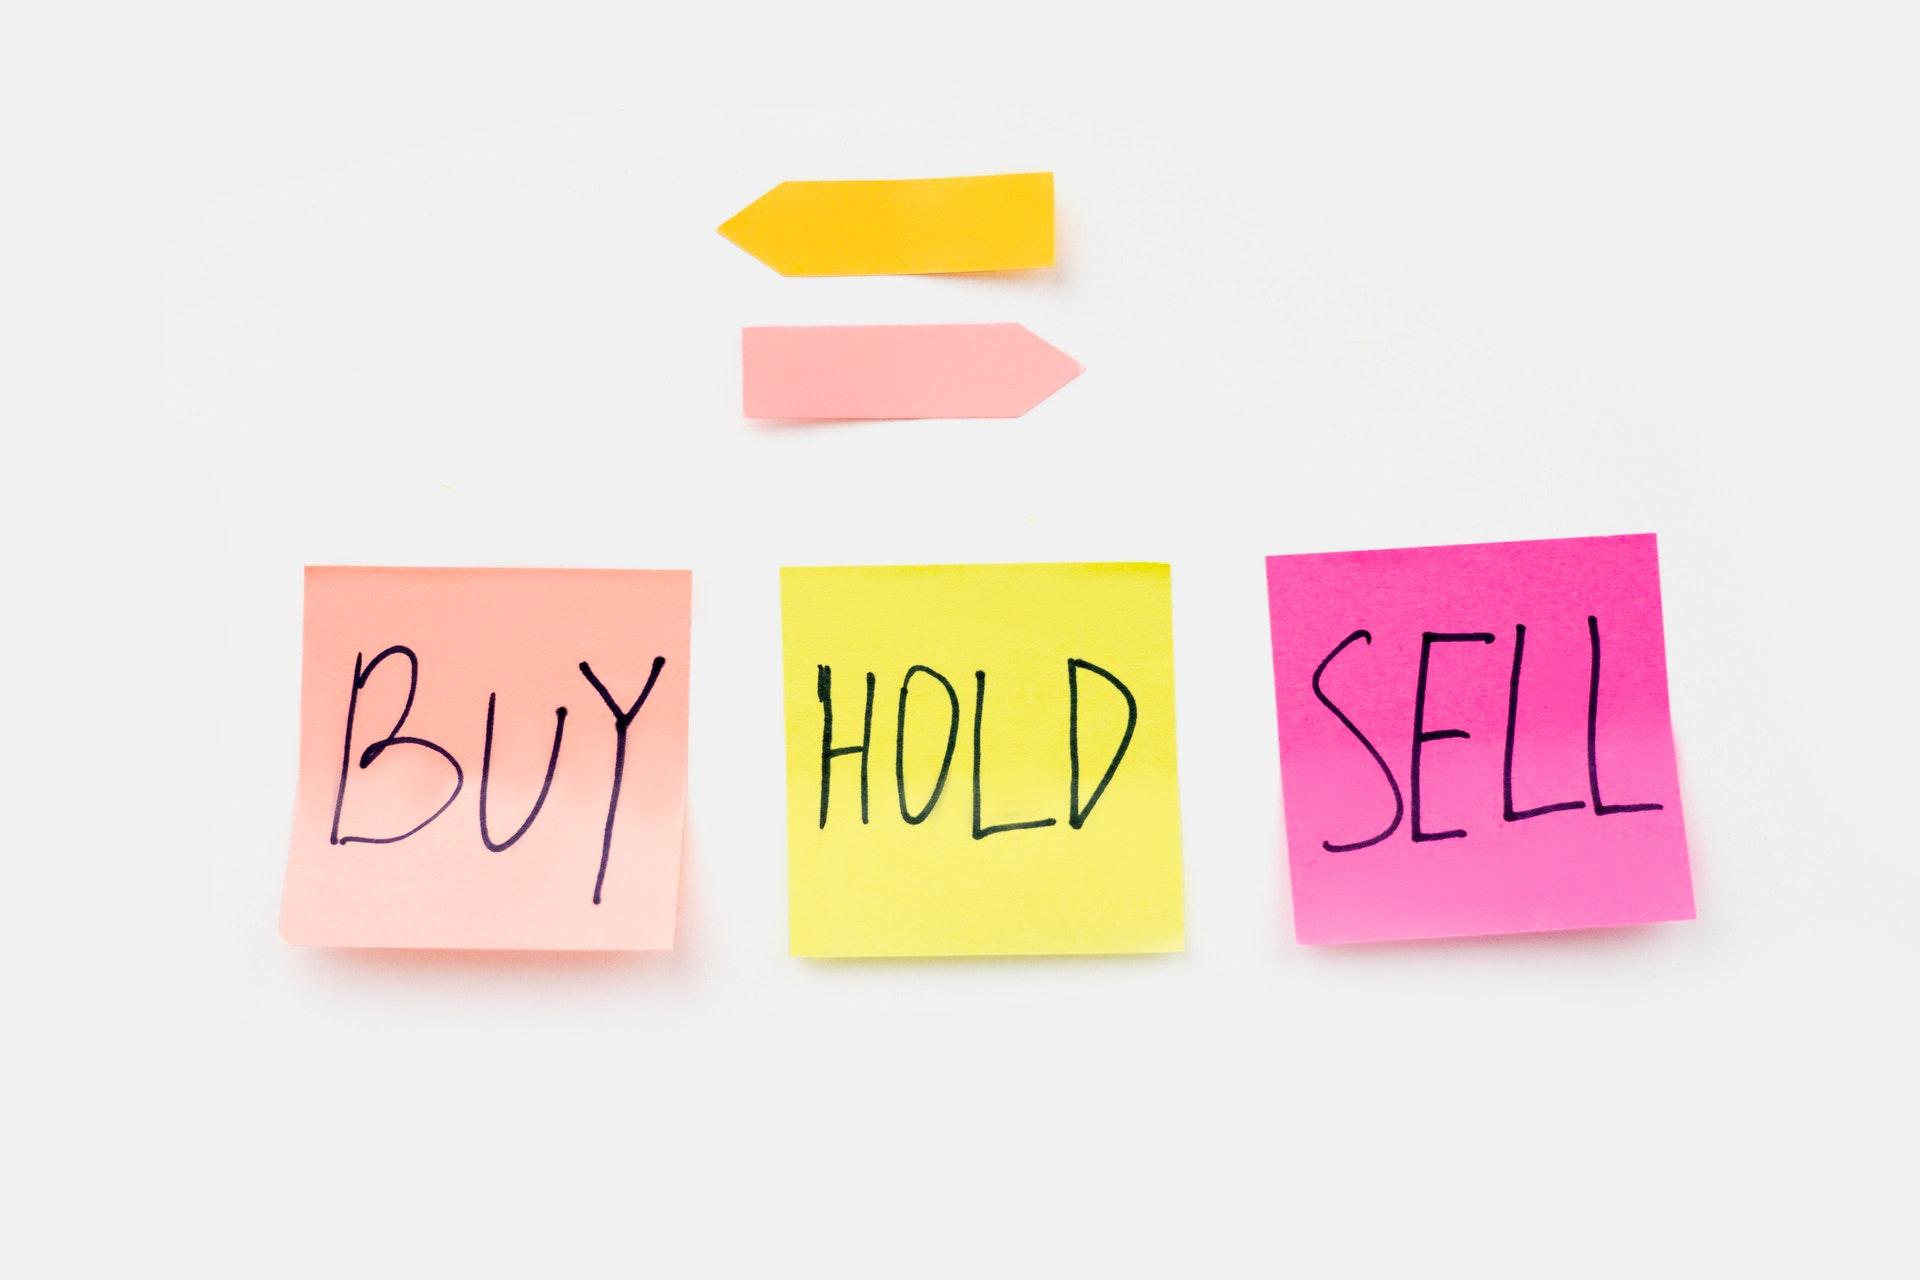 購入と売却